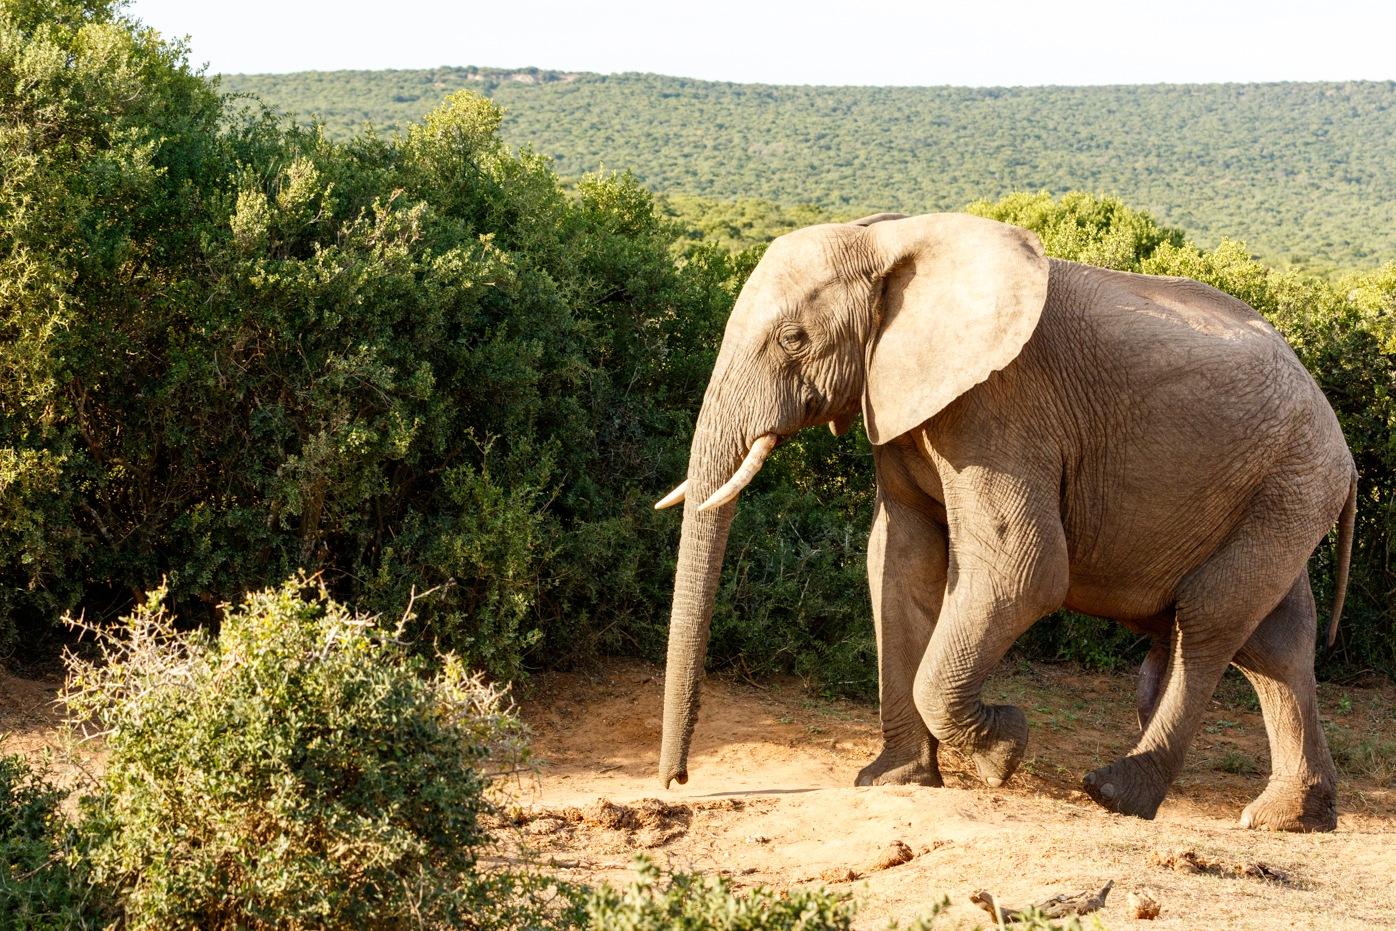 Elephant taking a walk looking so lonely by Mark de Scande